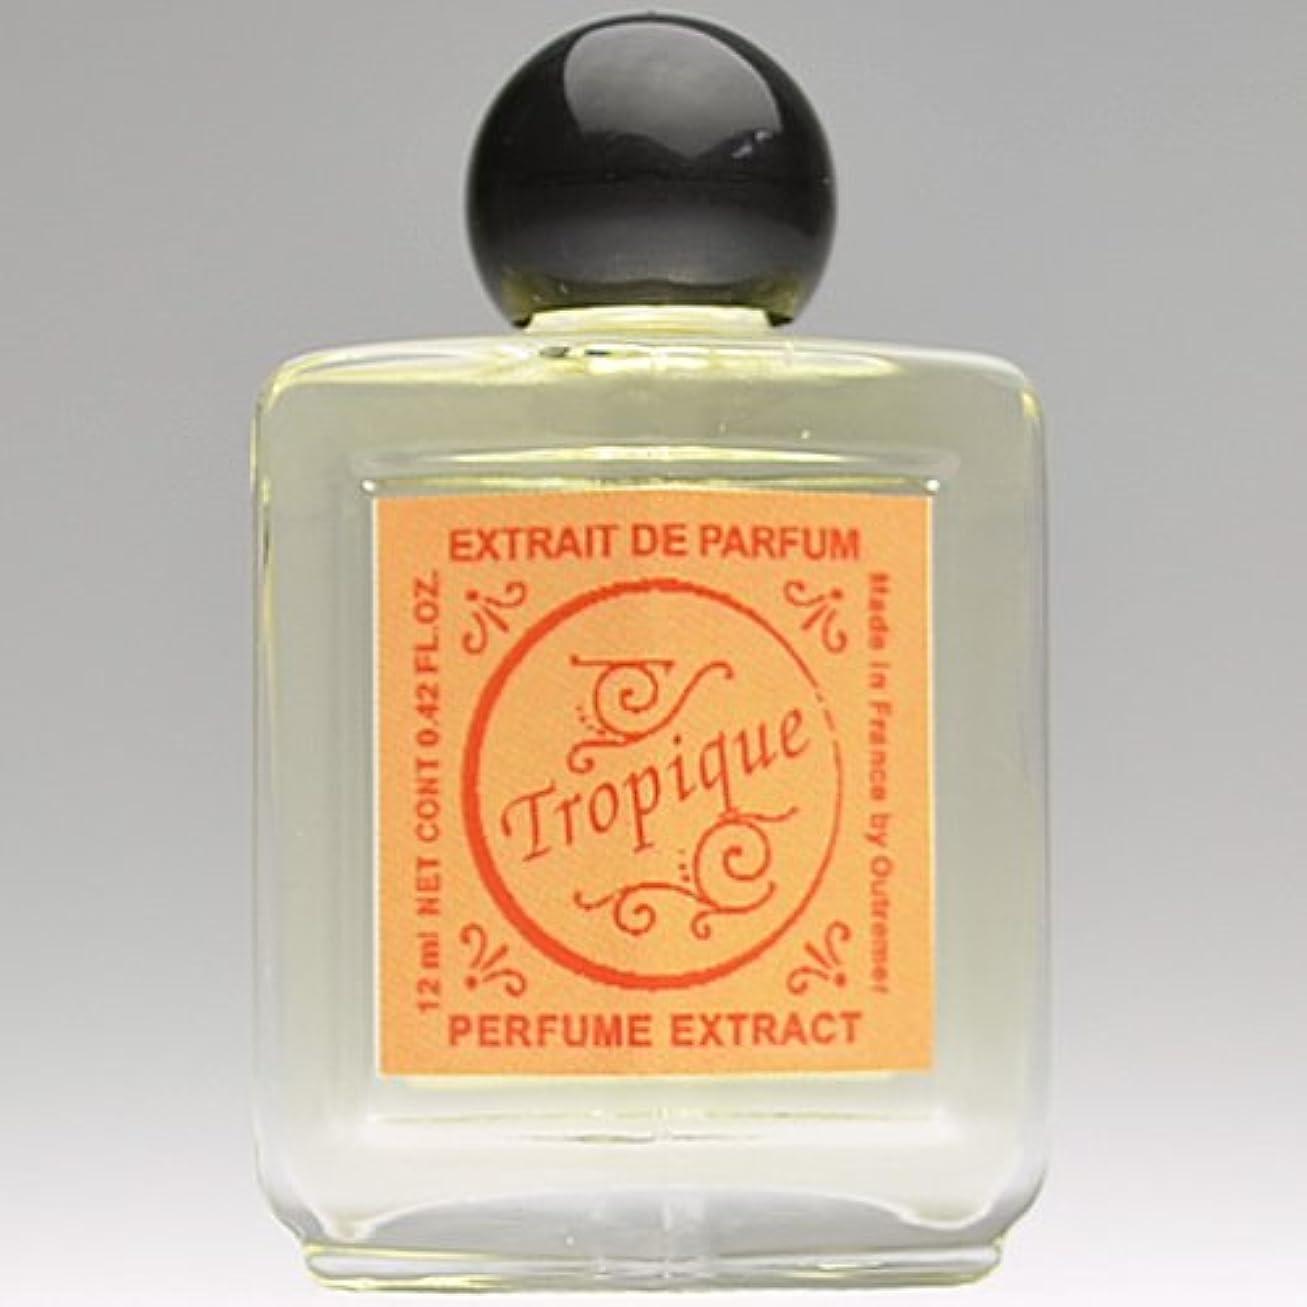 バリー項目質量L'Aromarine(アロマリン) パフュームエクストラクト(アロマオイル) 12ml 「ペシェ(ピーチ)」 4994228017079